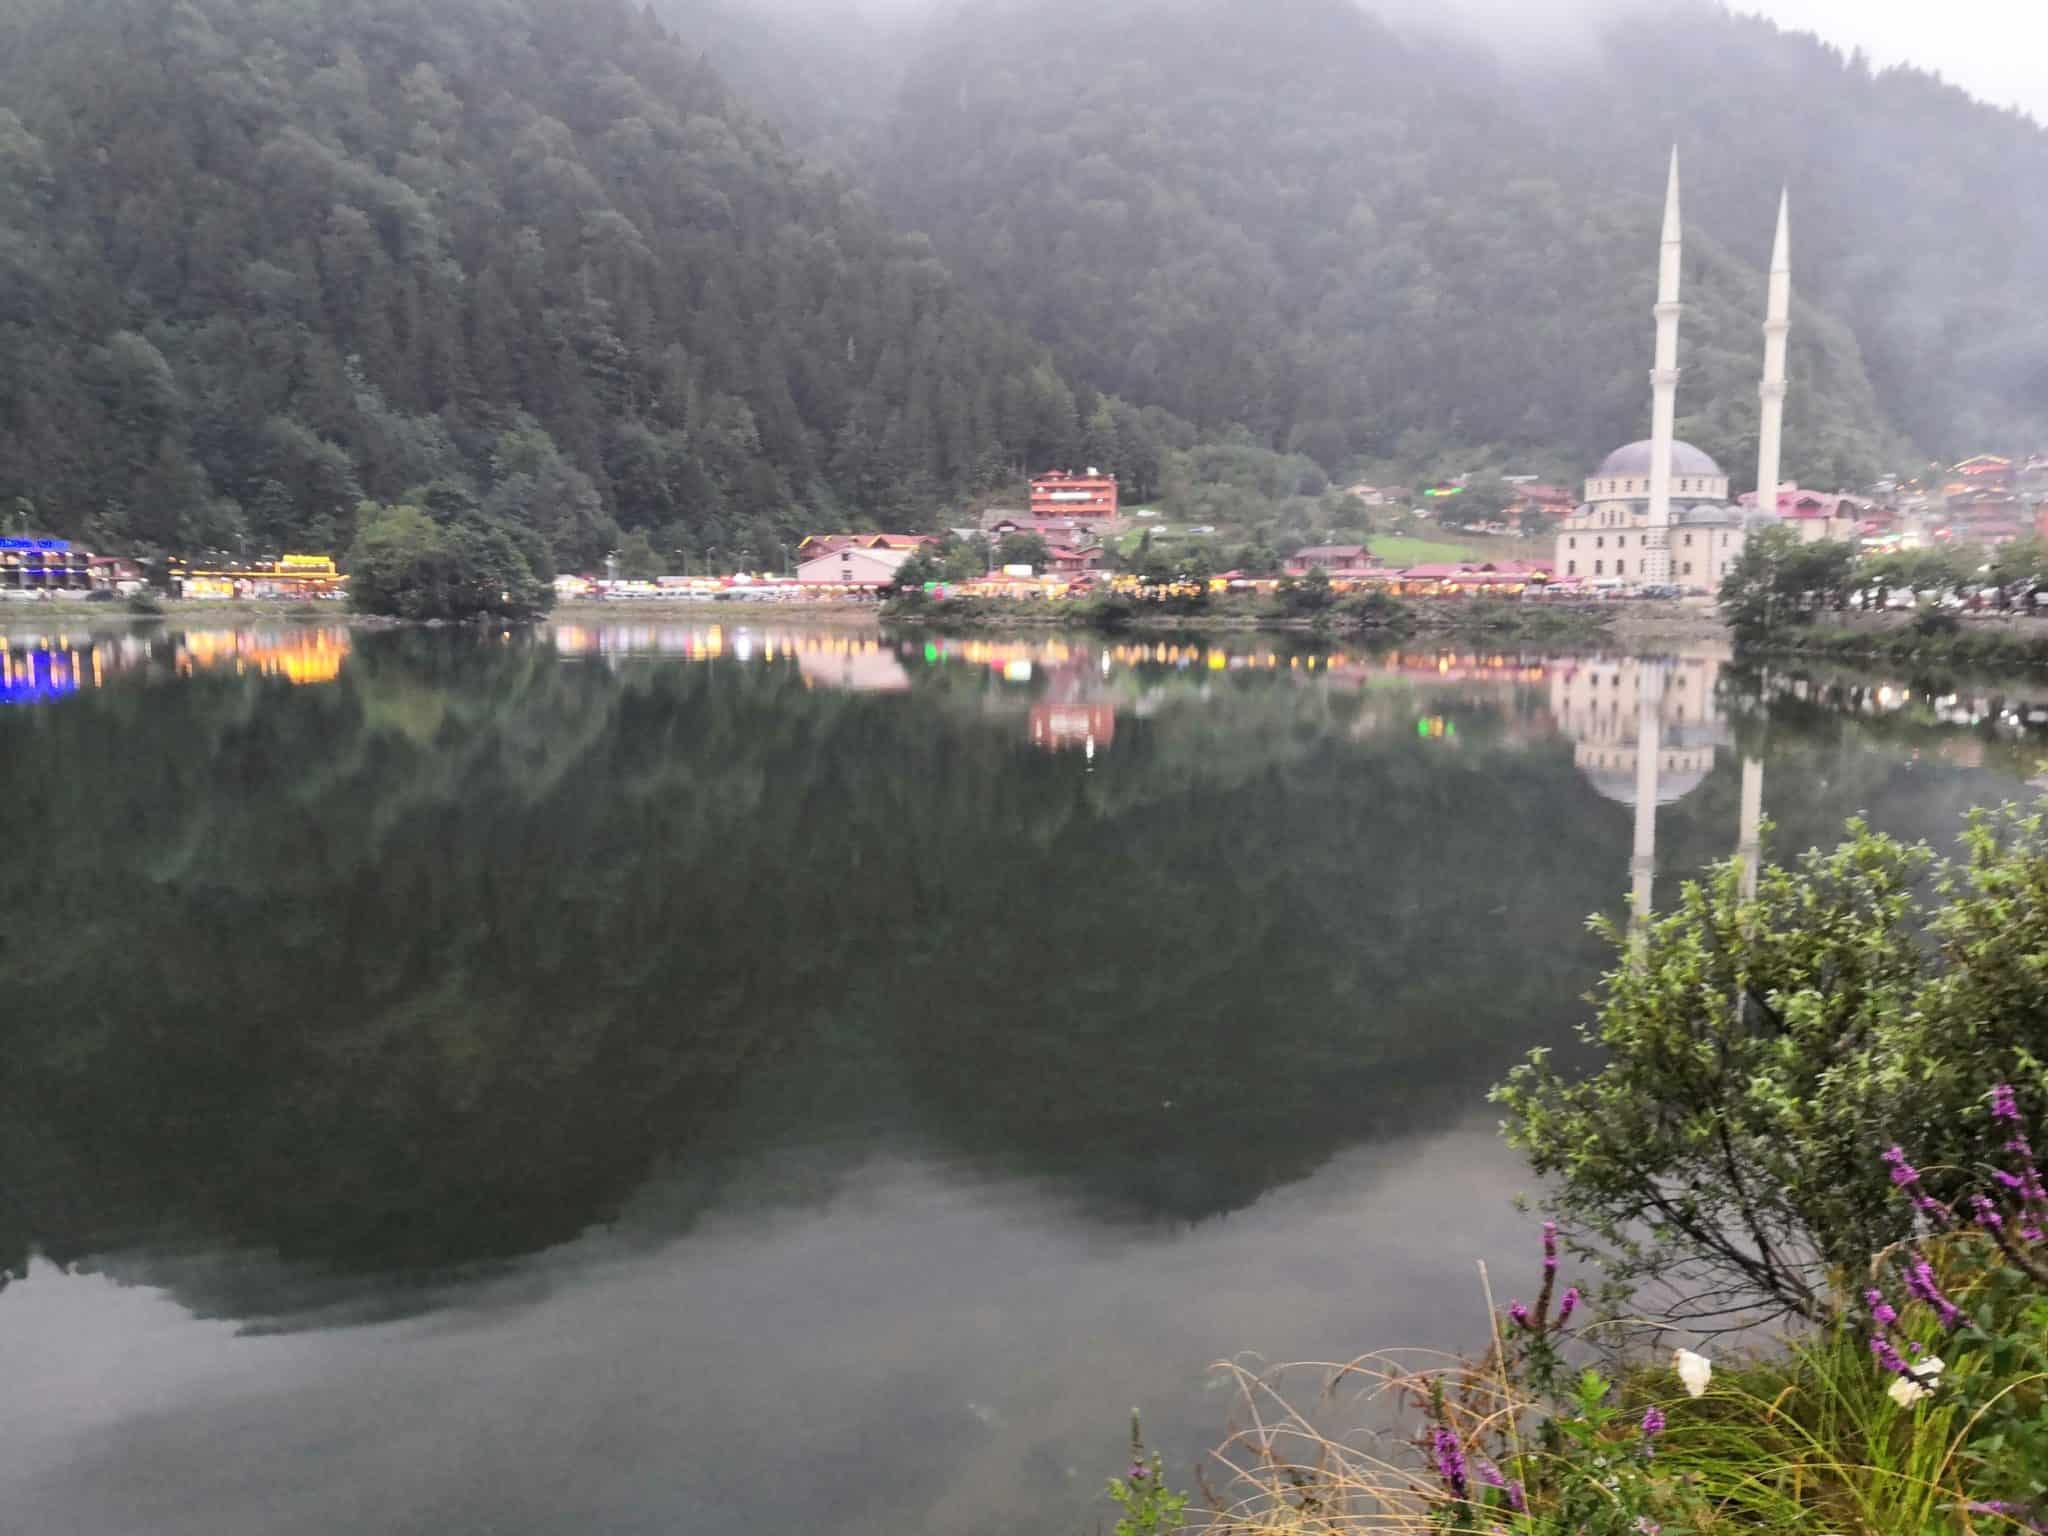 المسافرون العرب - السياحة في تركيا - عدستنا الخاصة (24)